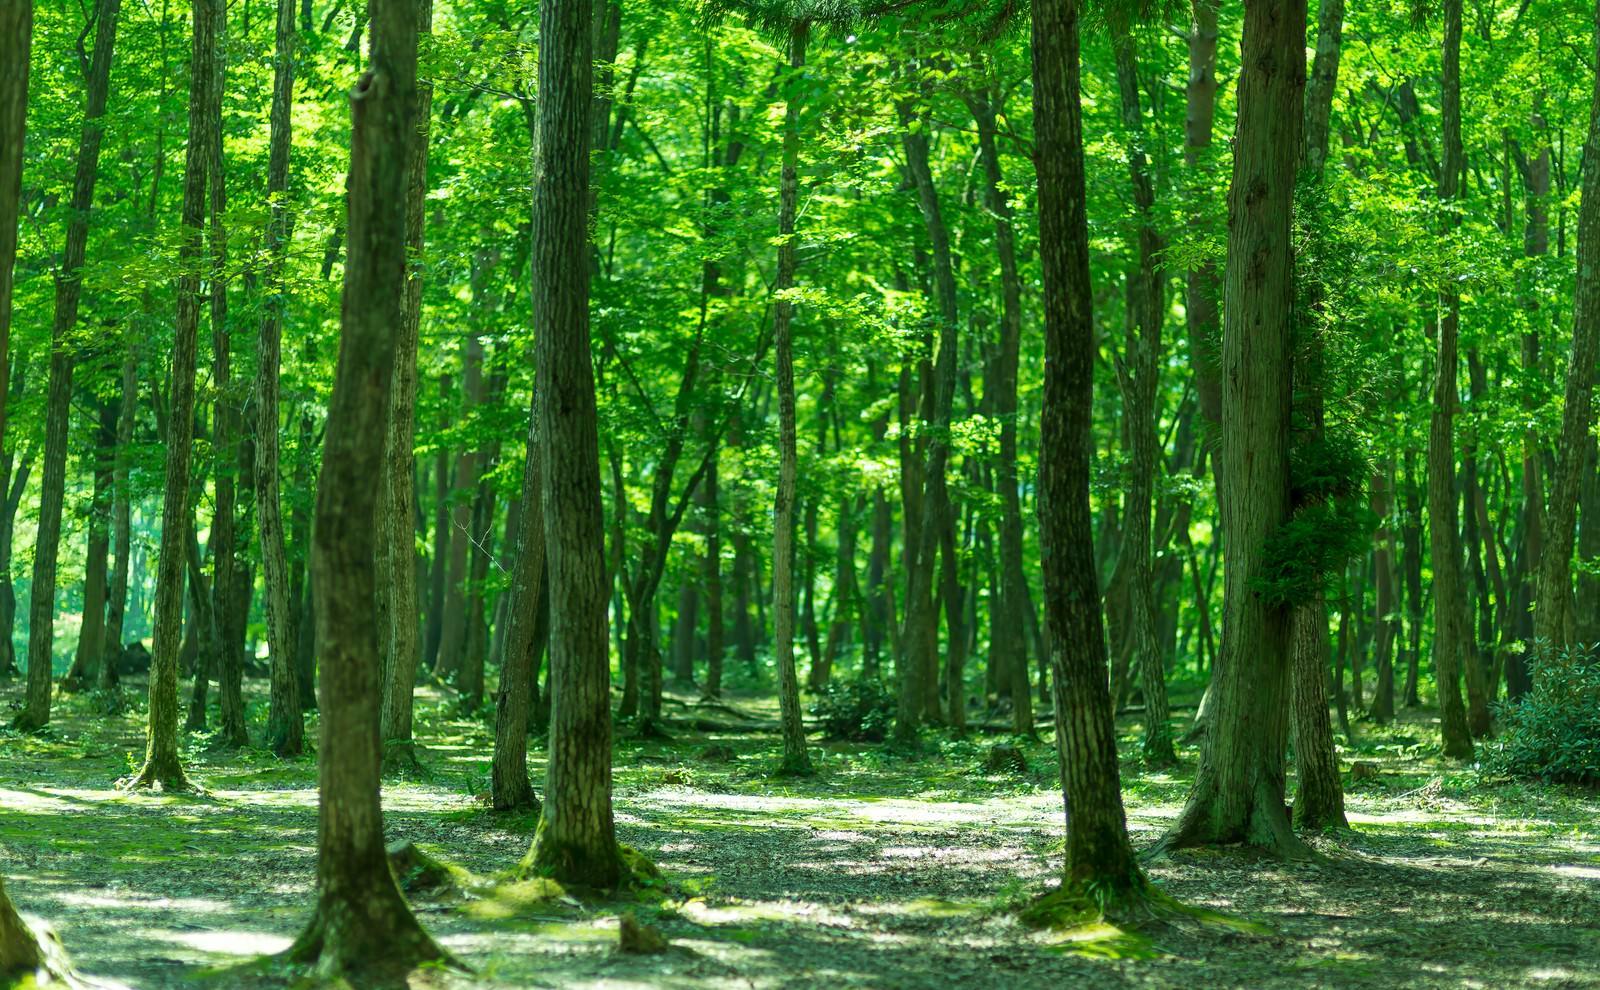 「緑の木々緑の木々」のフリー写真素材を拡大